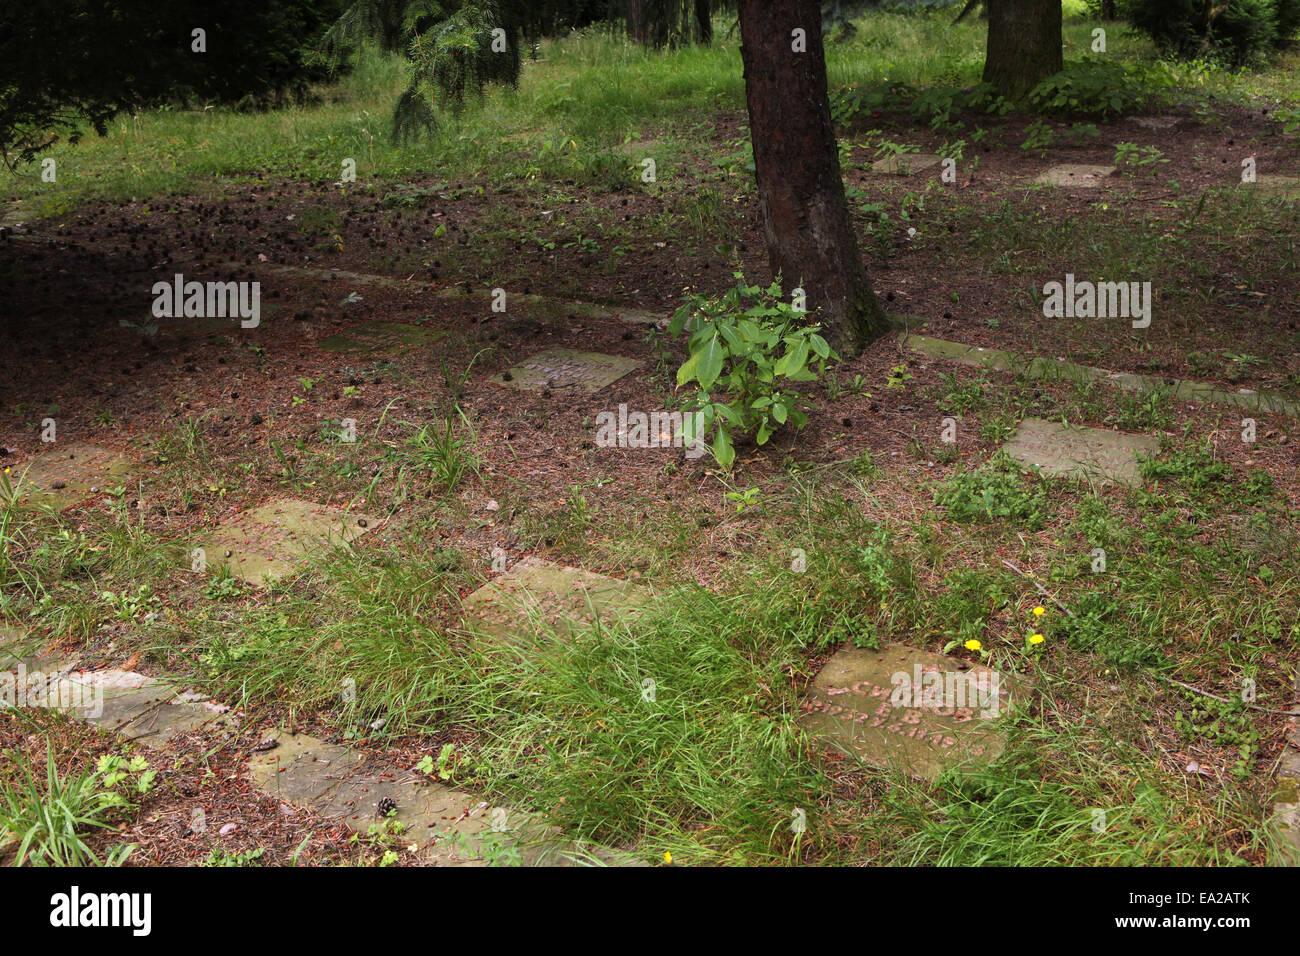 Las tumbas de soldado soviético que murió durante la guerra fría en el cementerio de la Guarnición Imagen De Stock